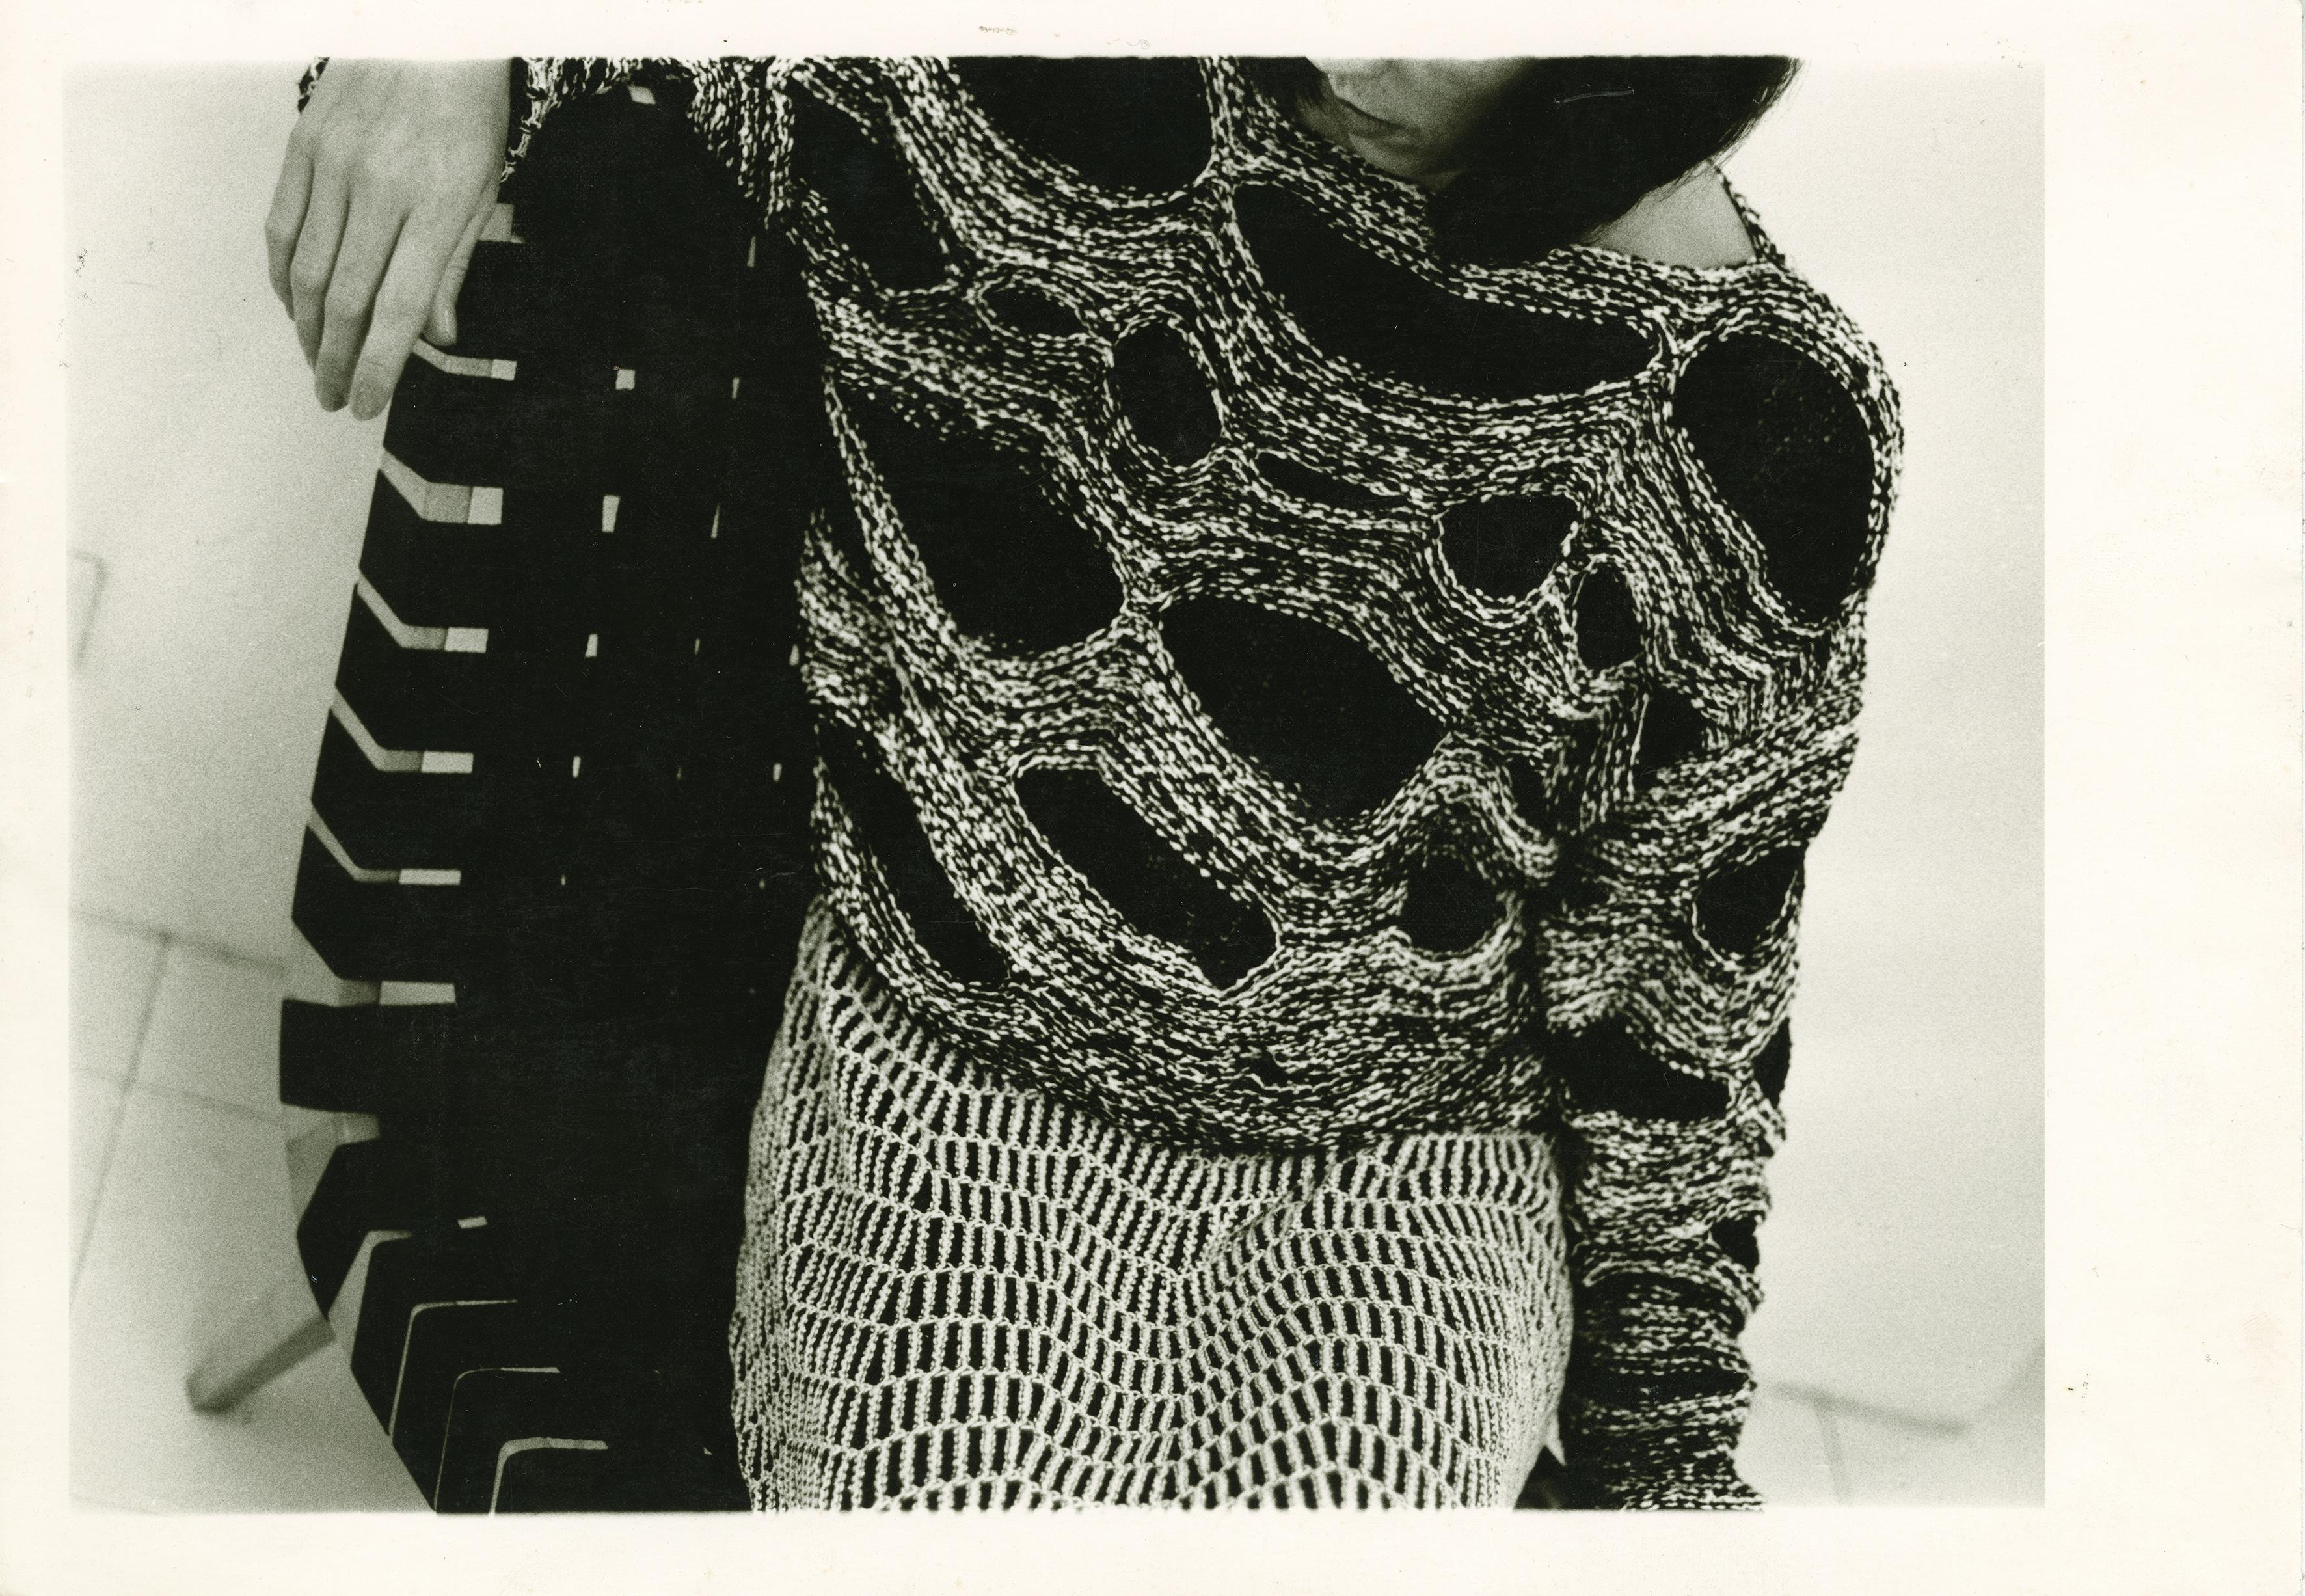 Silke Grossmann, drawing for Claudia Skoda, collaboration with Cynthia Beatt, antique silver gelatin mold, 1983, © Silke Grossmann